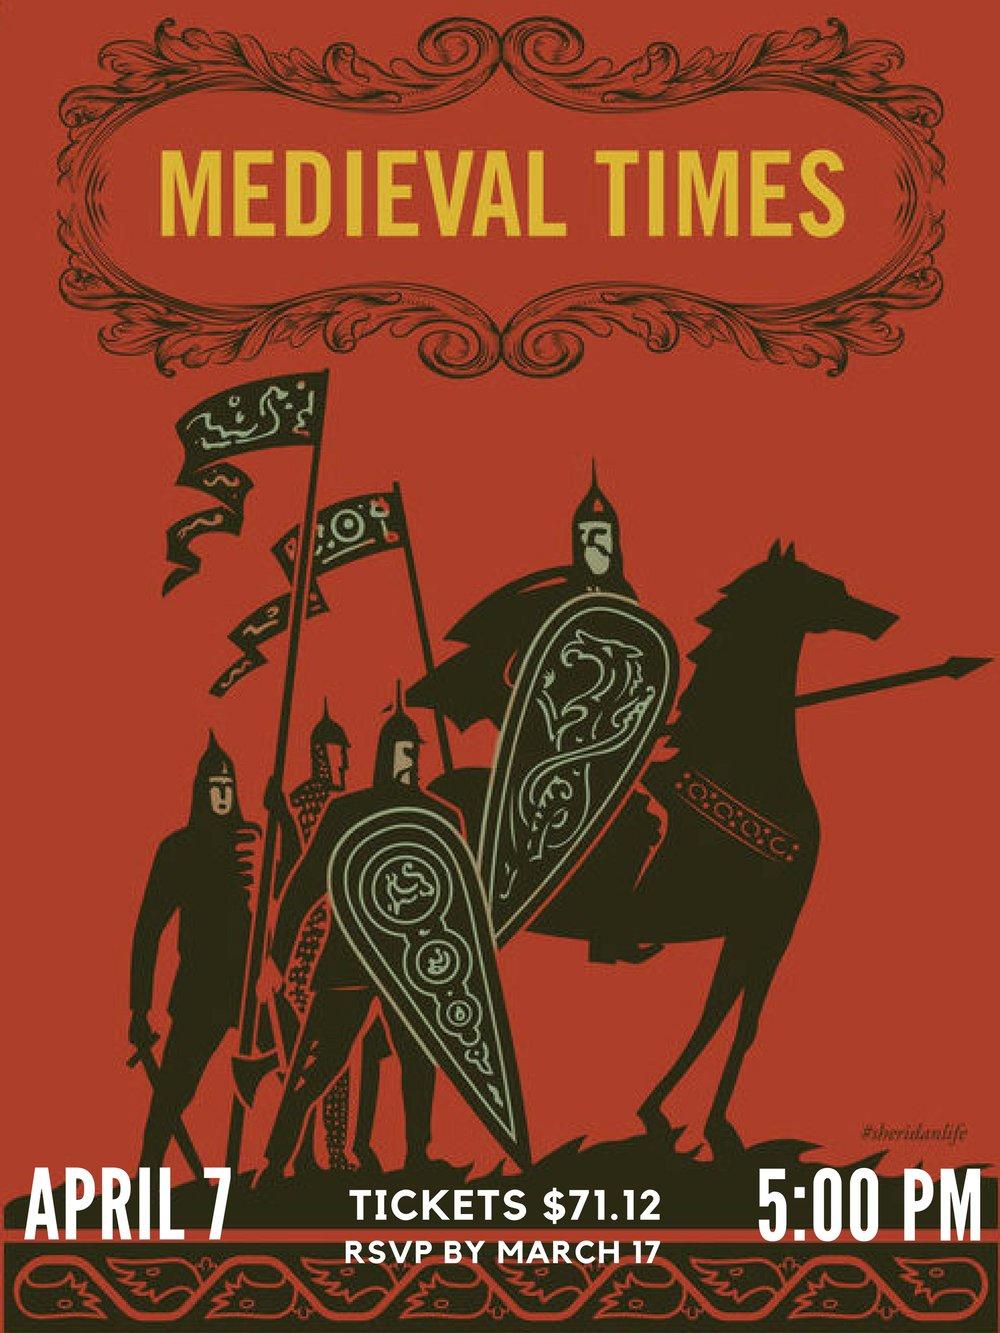 MedievalTimes.jpg